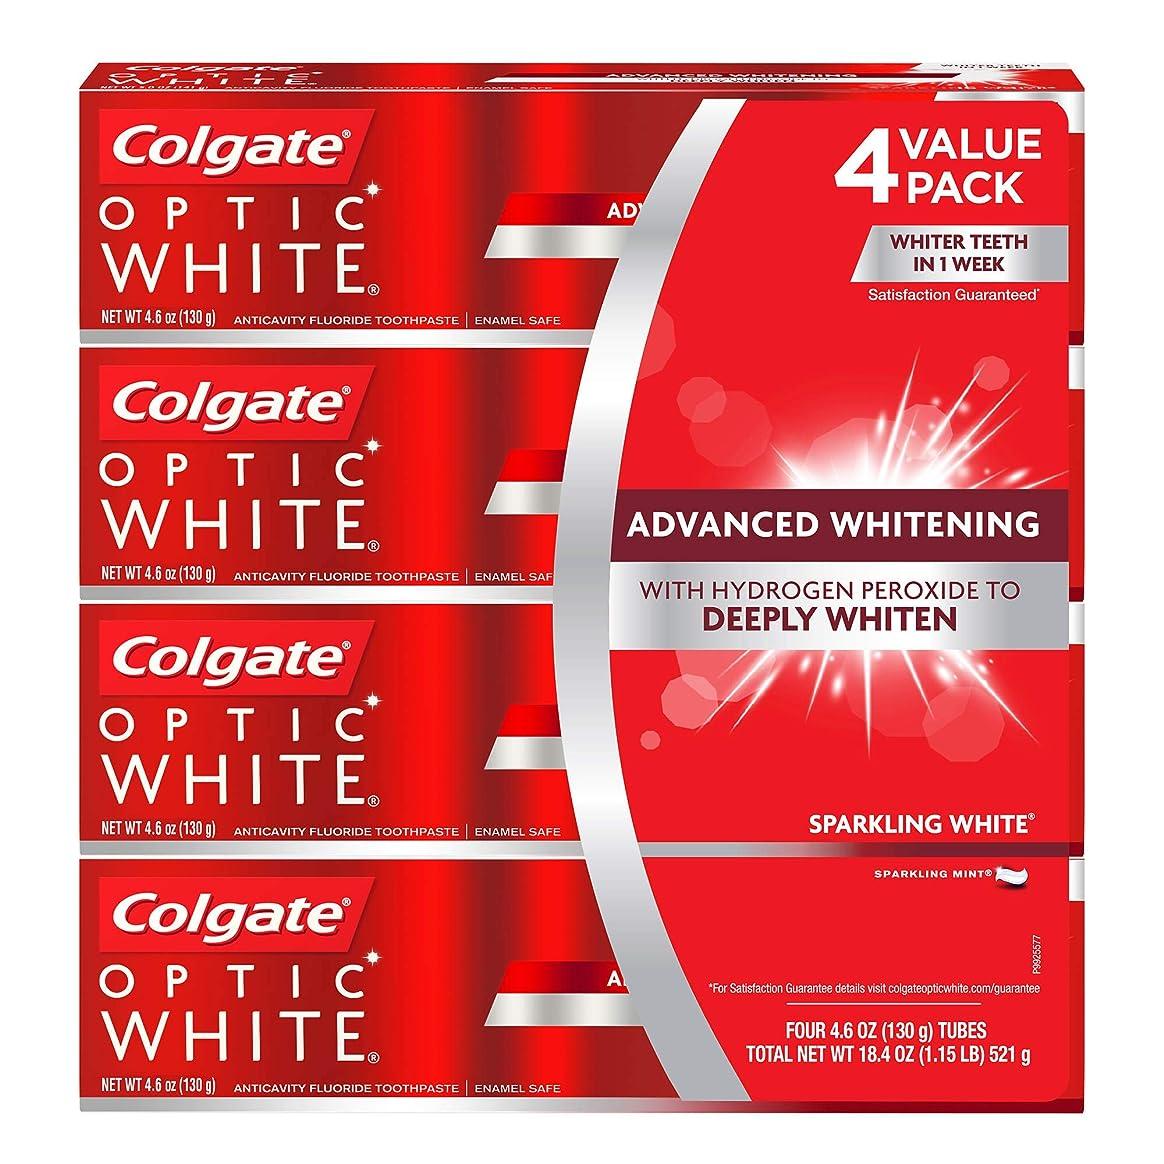 聖なる飛行場それにもかかわらず海外直送品 コルゲートオプティックホワイトスパークリングホワイト 歯磨き粉 Colgate Optic White Sparkling White Toothpaste, Sparkling Mint (4.6 oz, 5 pk.) 130gx5本